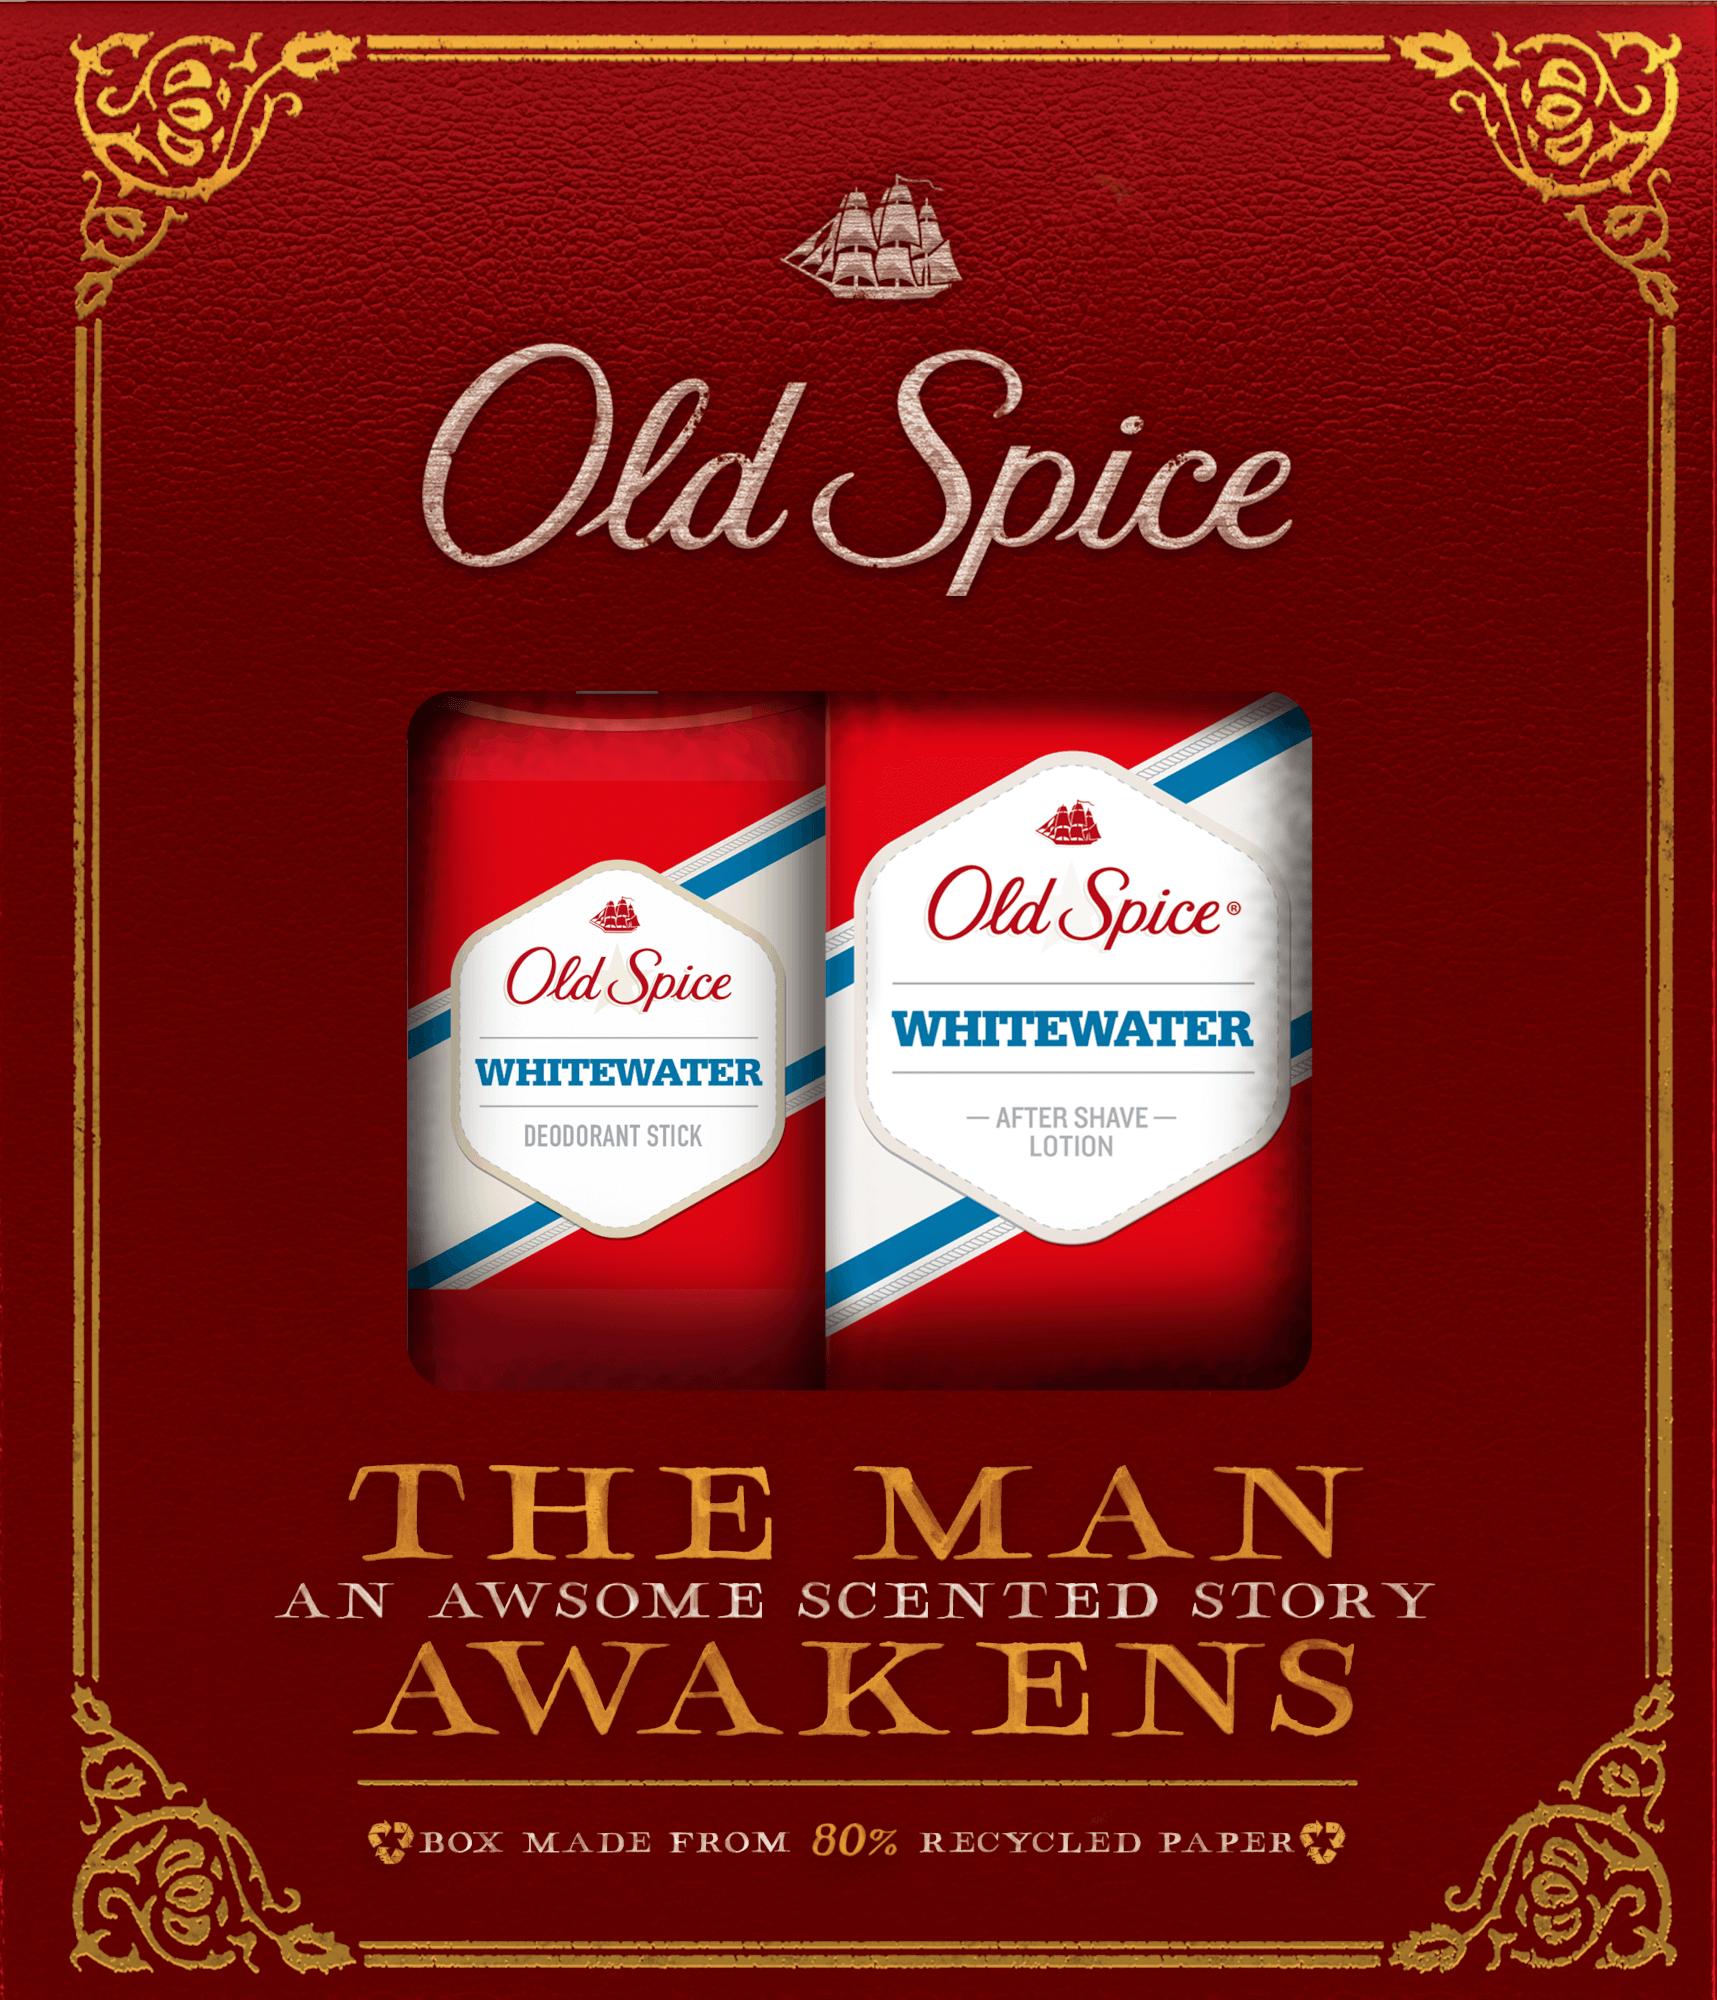 Vianočná sada Old Spice Whitewater Vintage